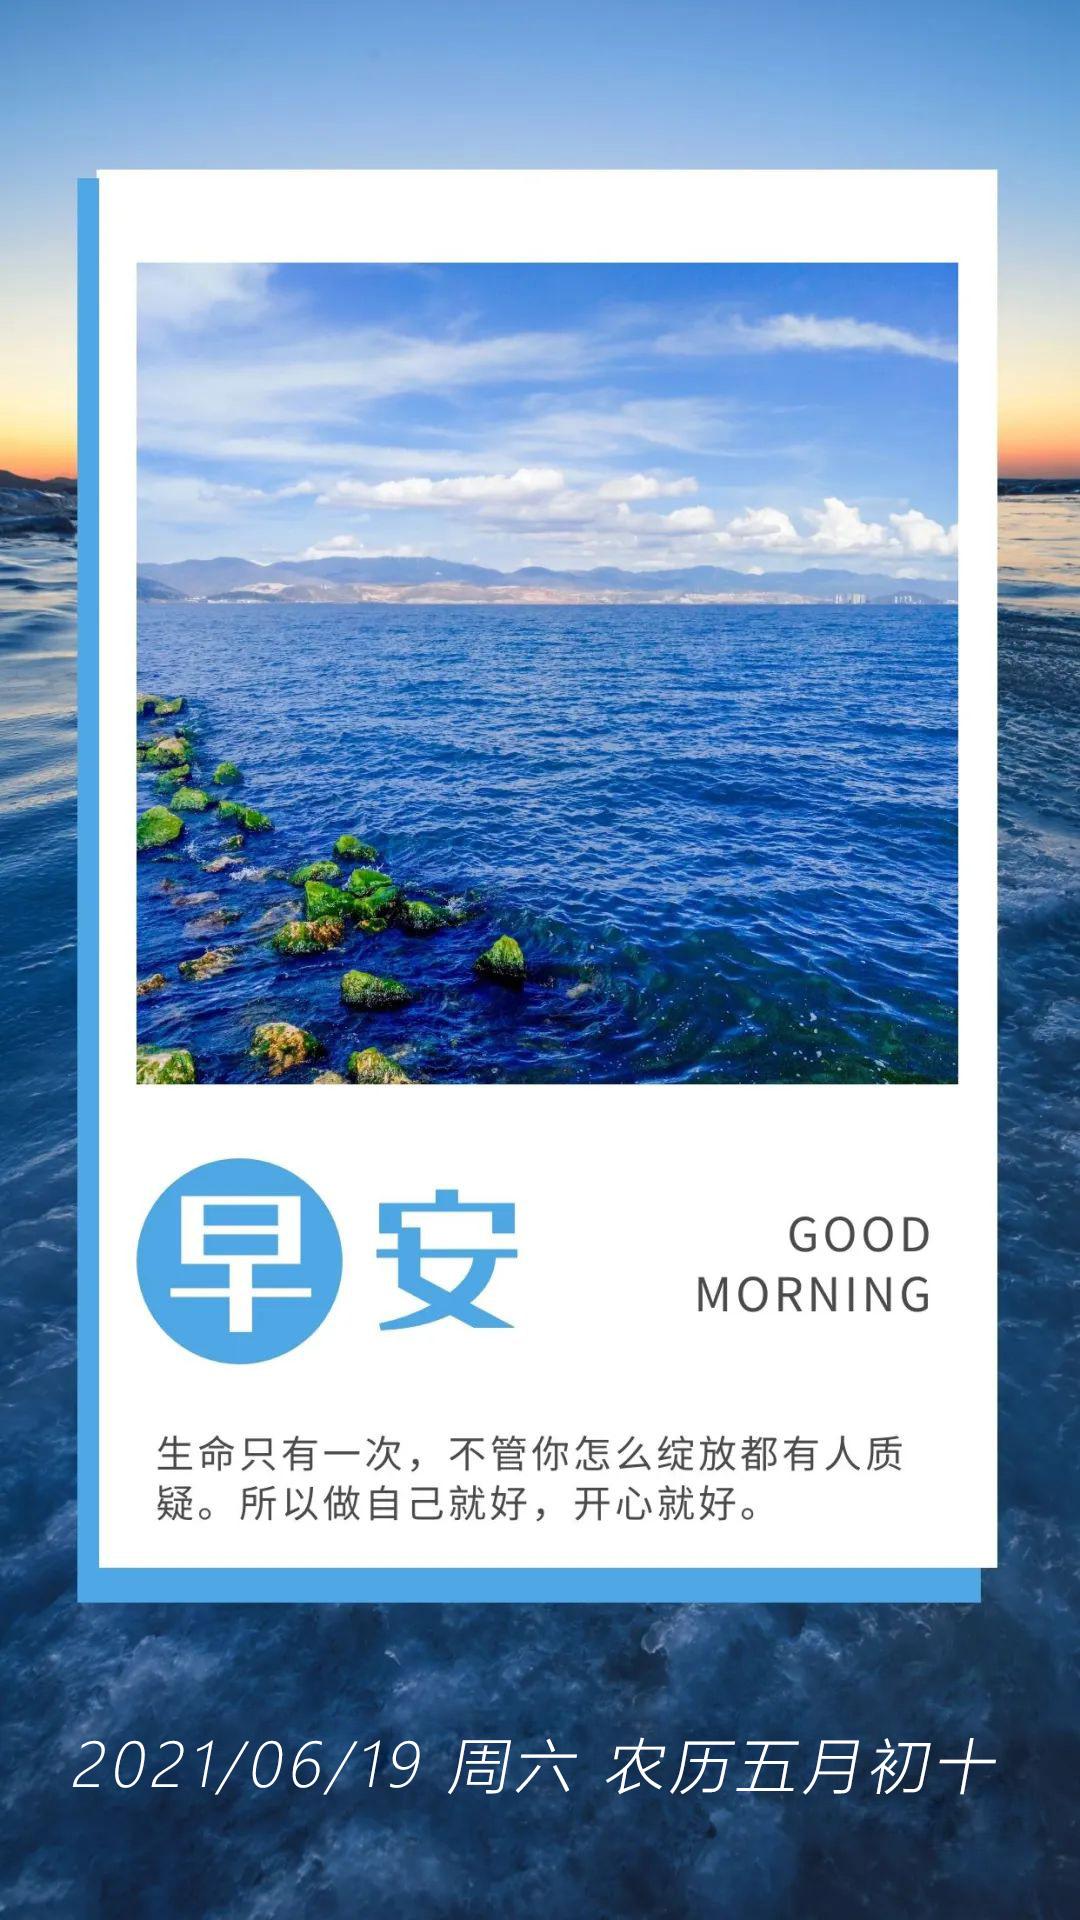 周末正能量早上好图片句子,战胜自我,生活会更精彩!